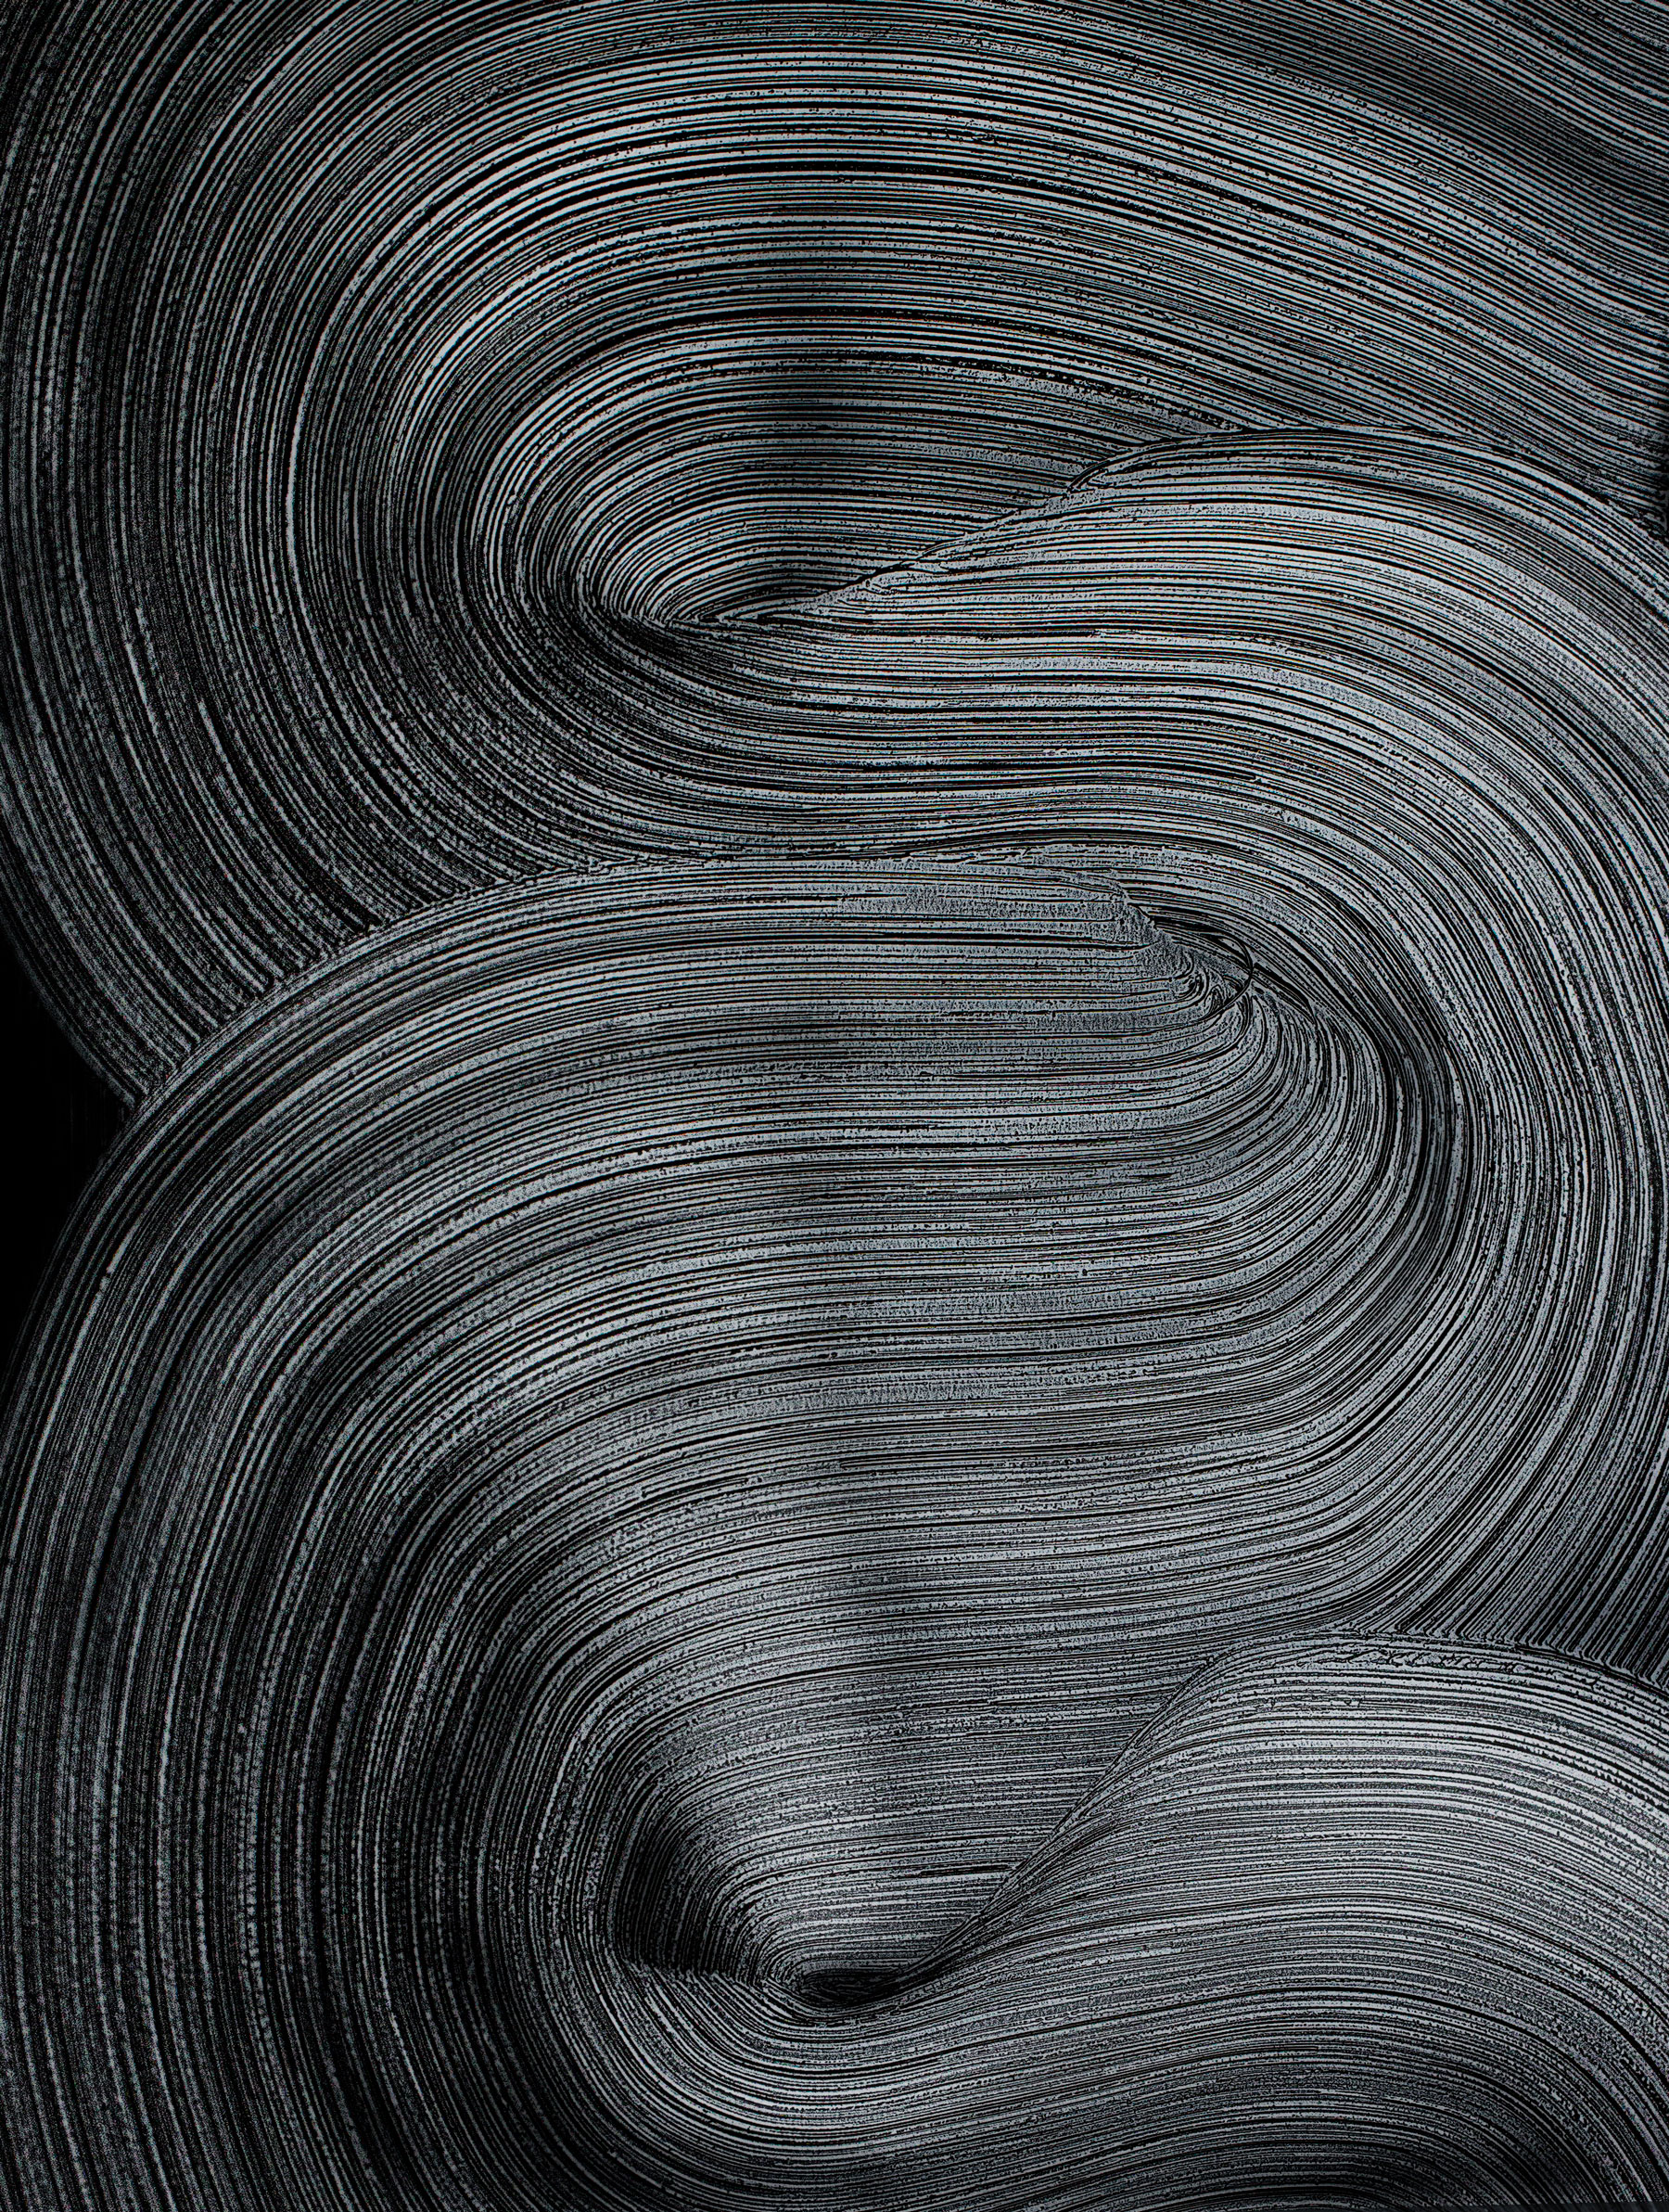 dark-curvature-_ETZ5337.jpg